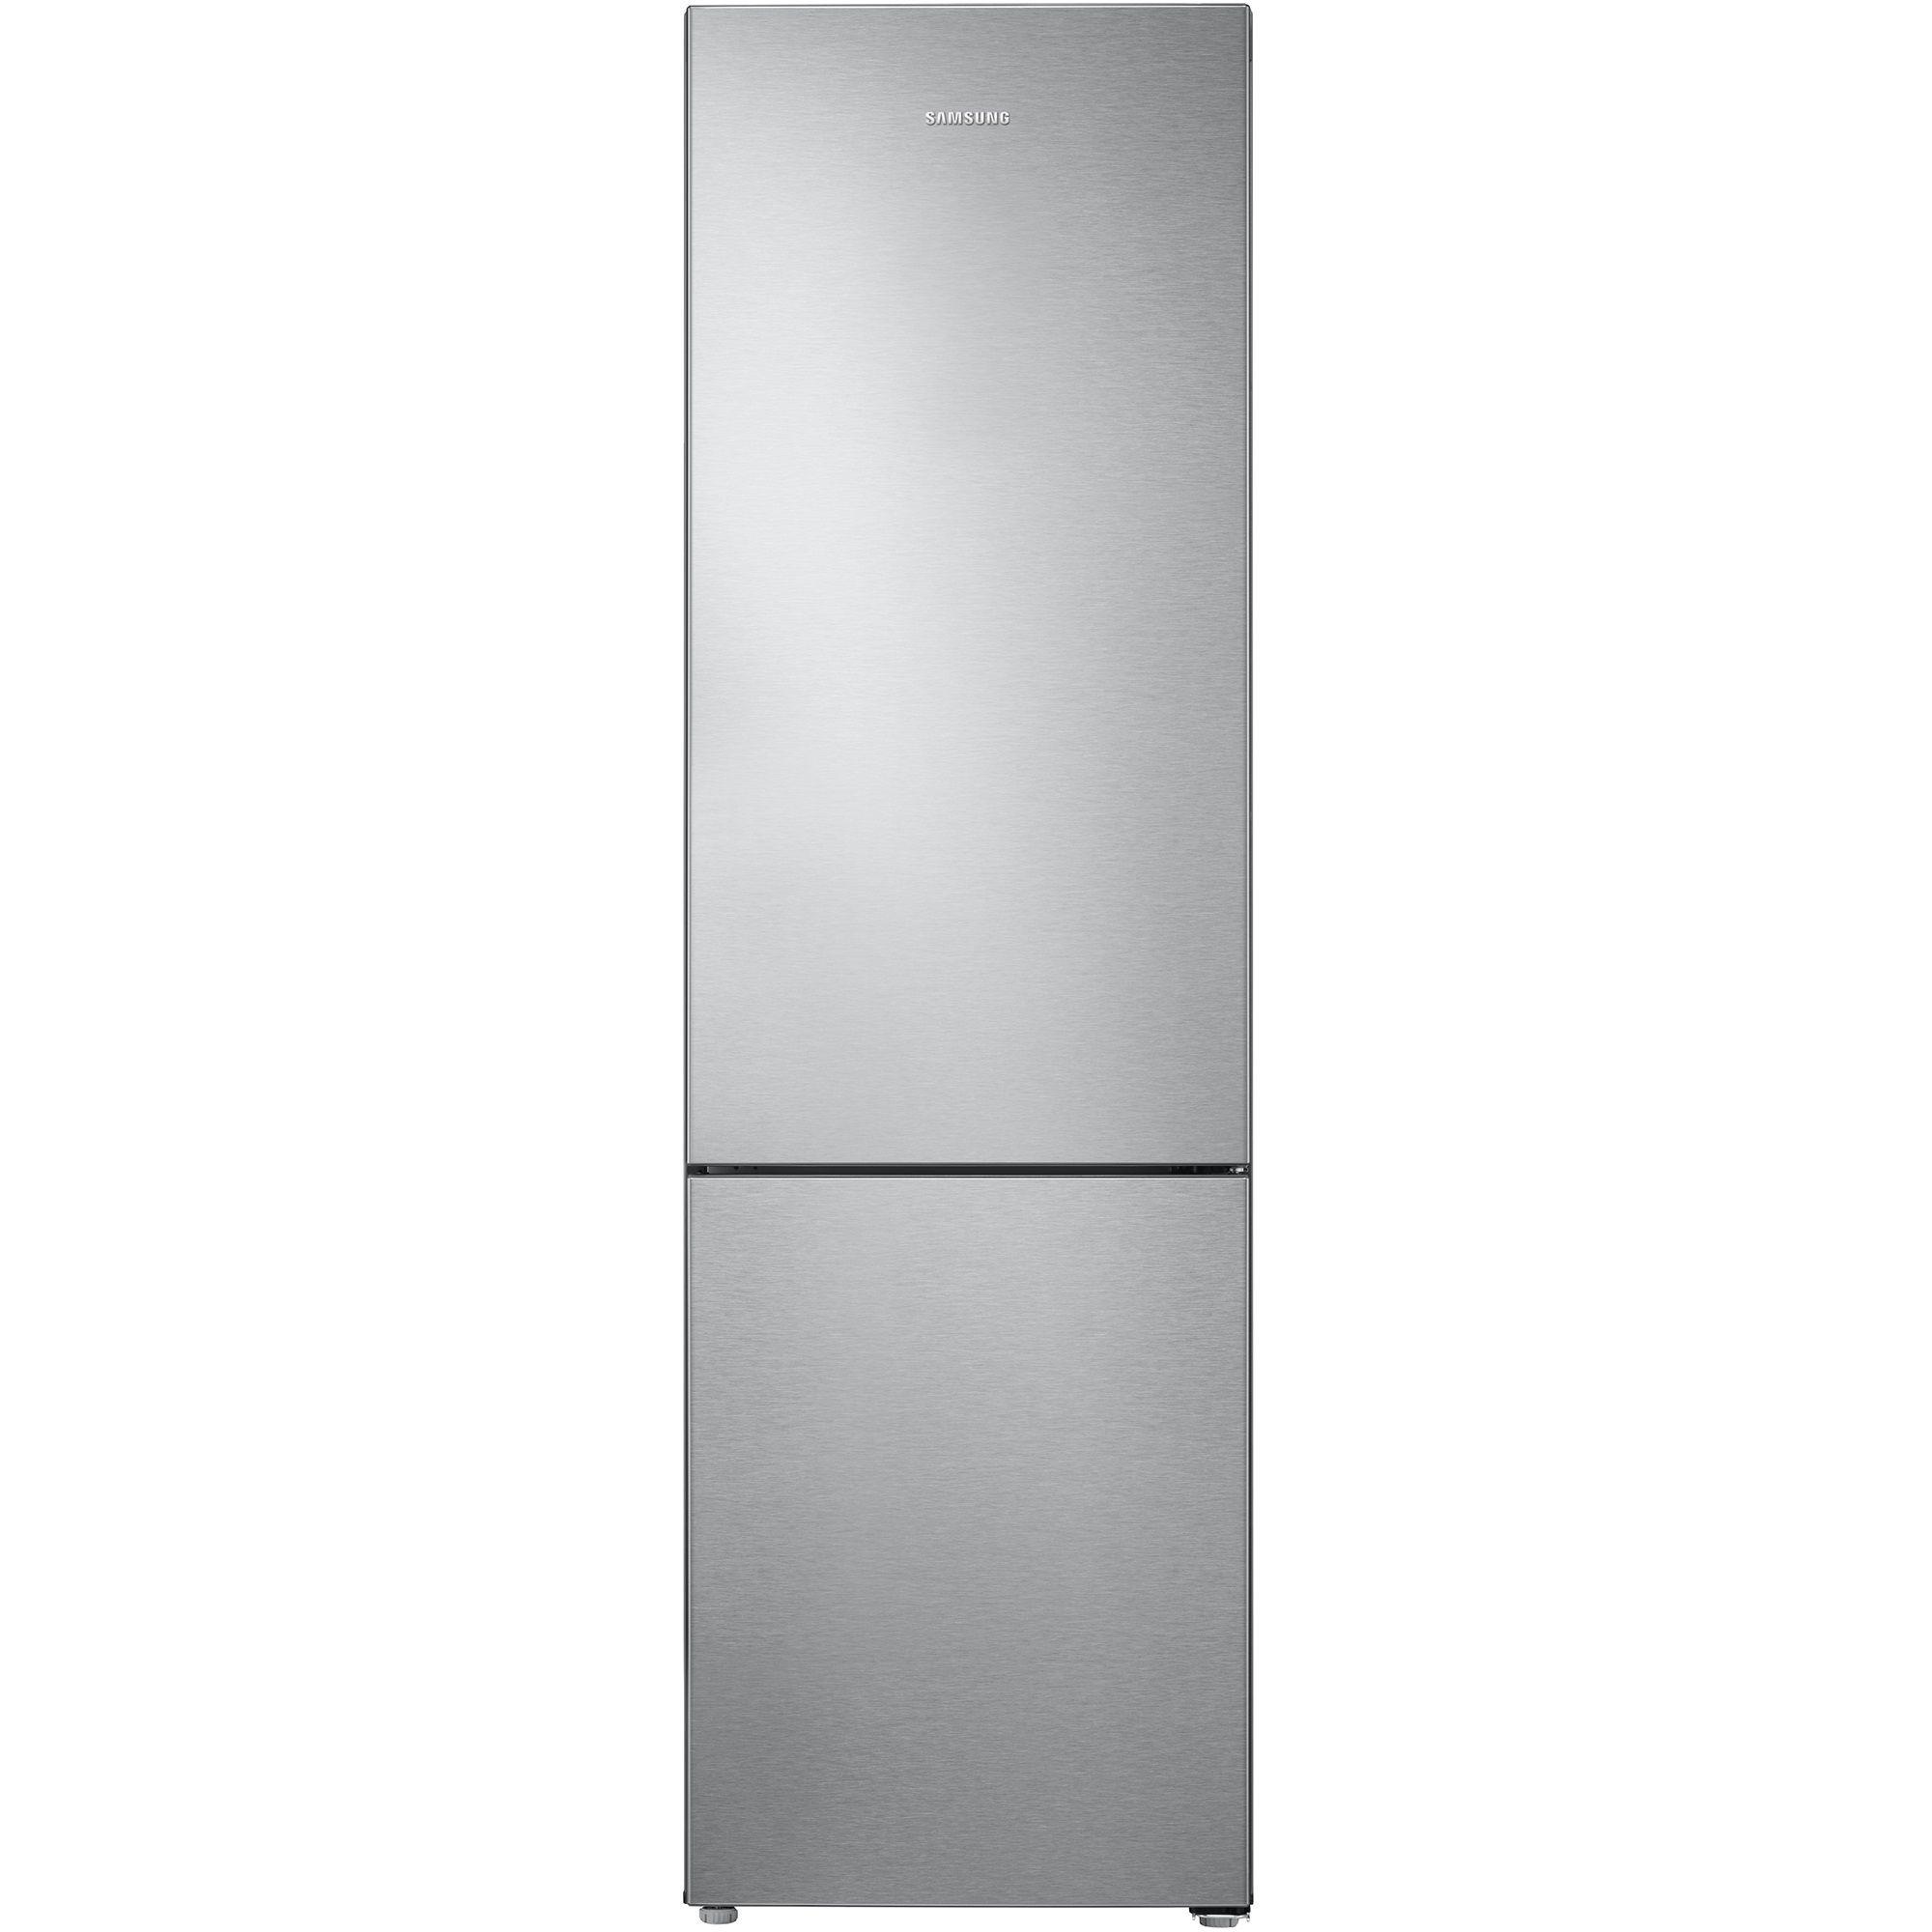 Combina frigorifica Samsung RB37J5010SA, 367 l, Clasa A+, No Frost, H 201 cm, Argintiu